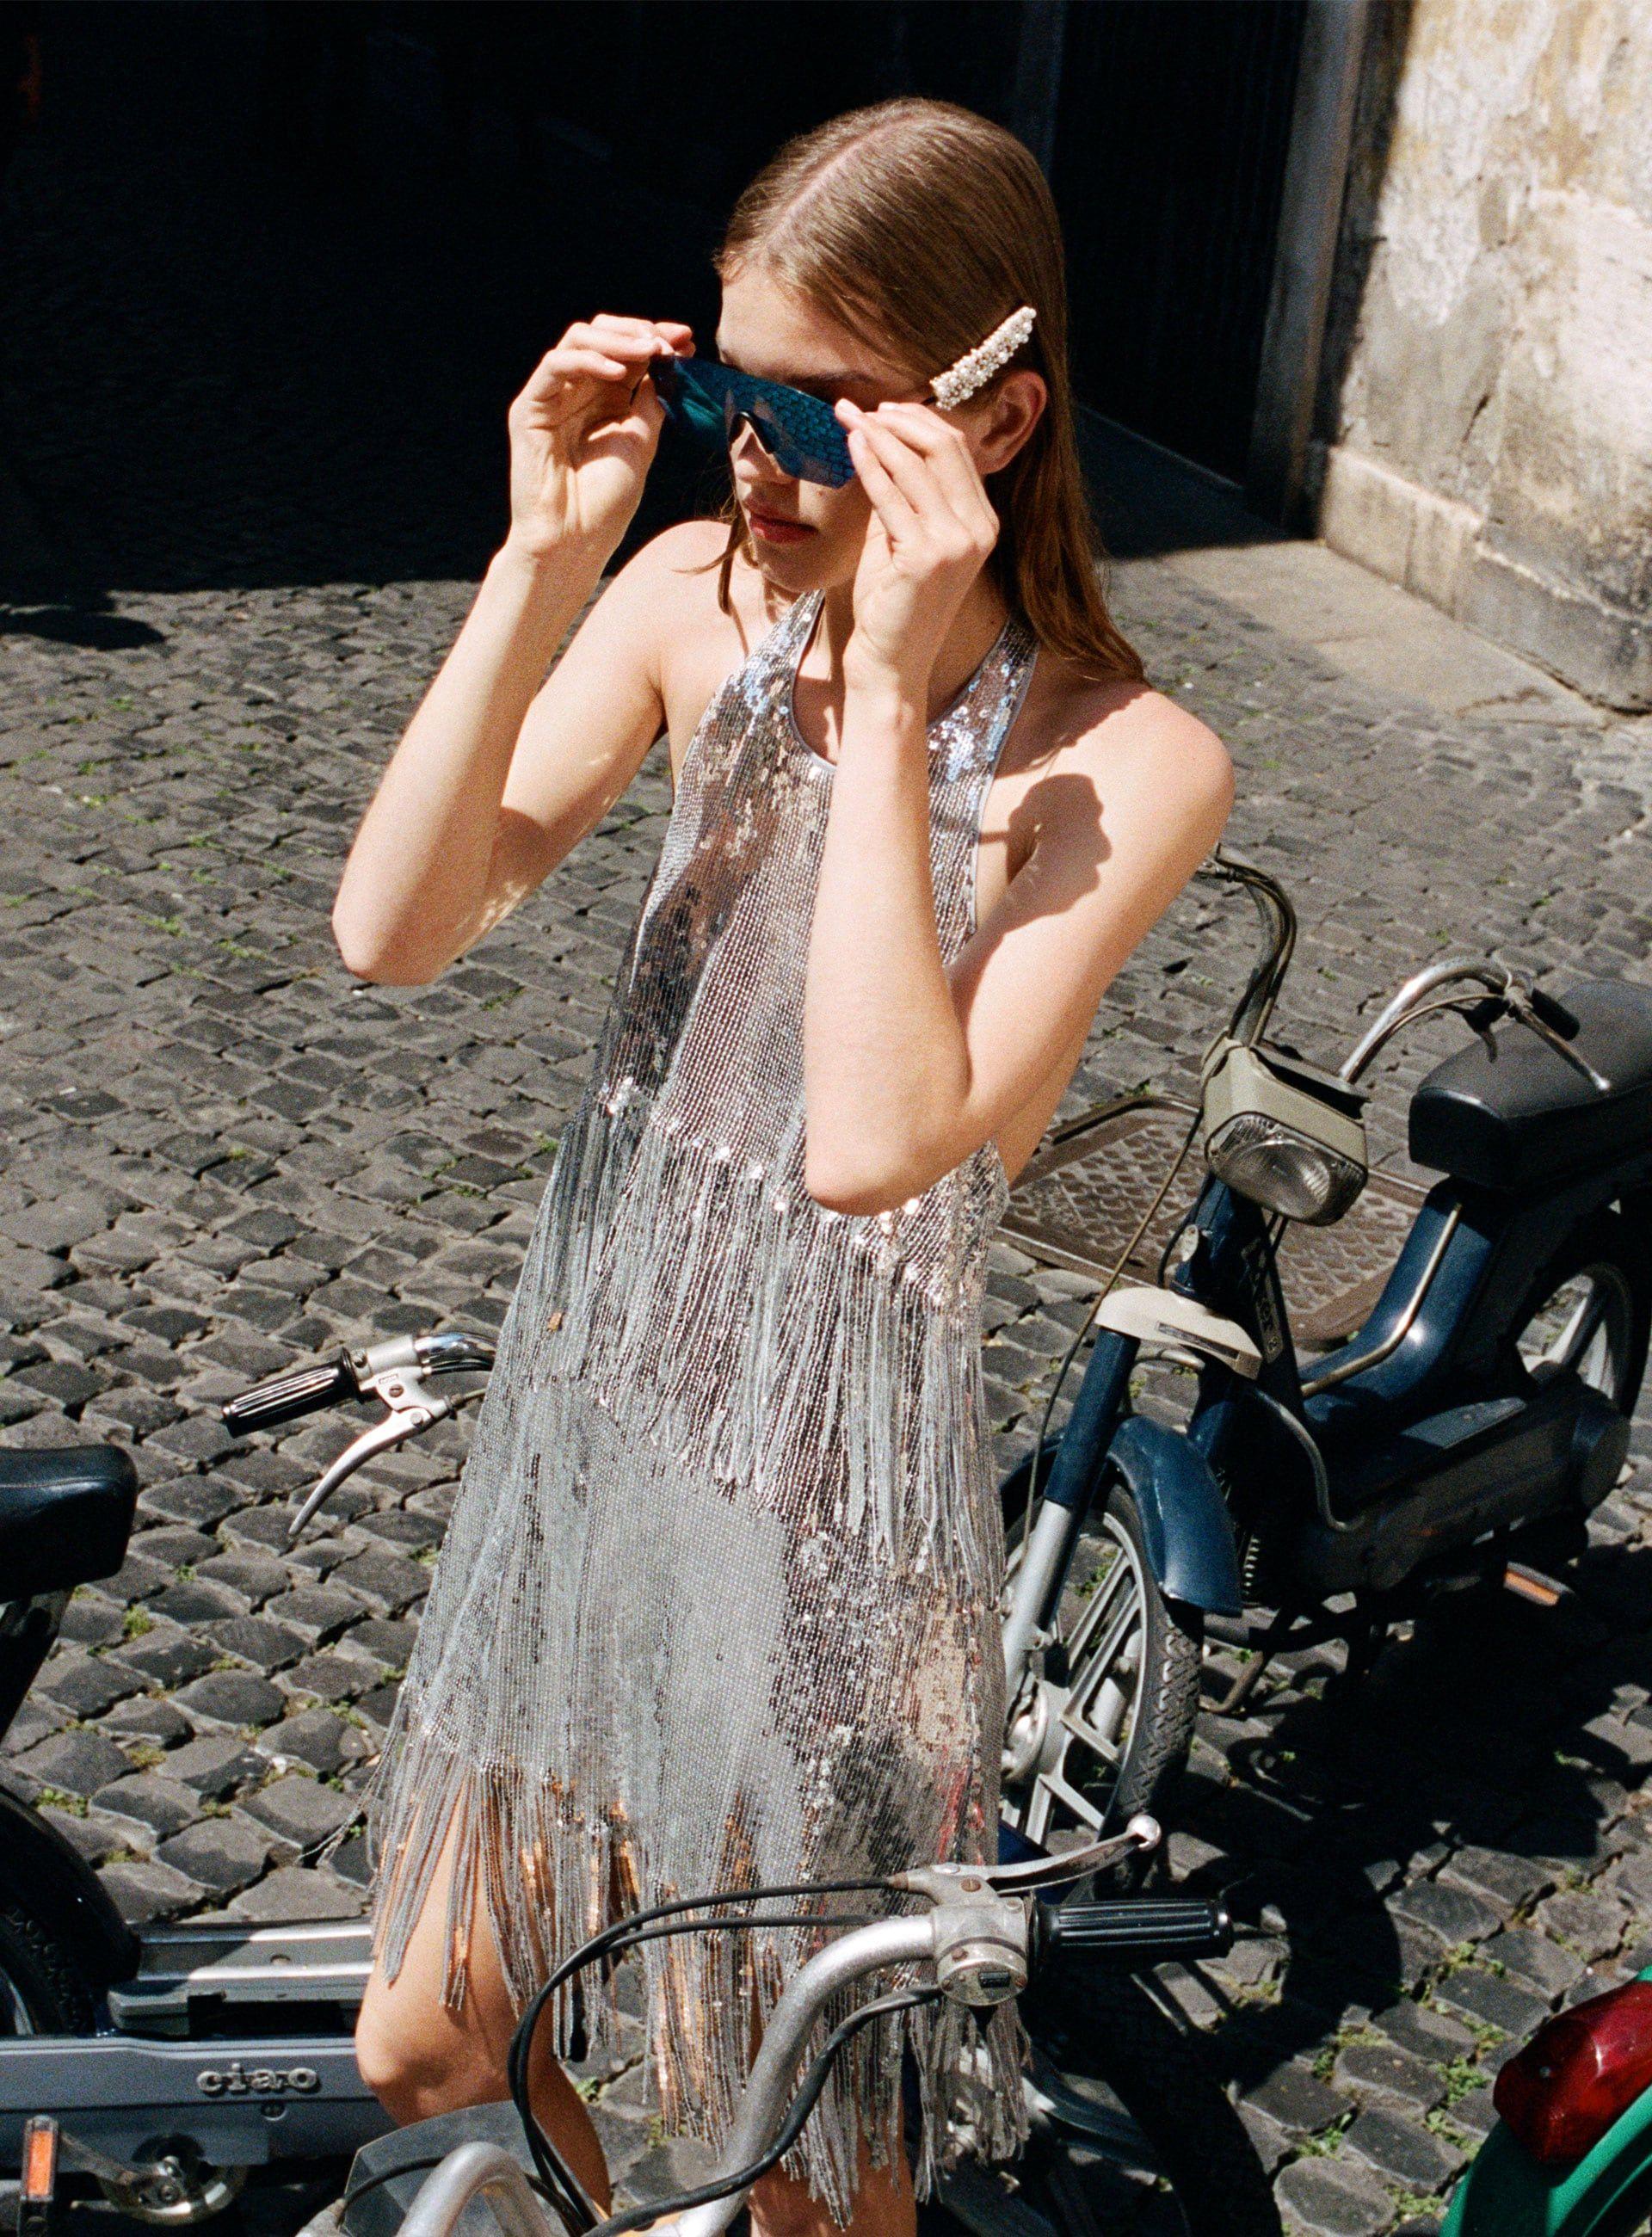 De Perfectos Para Esta Próxima Fiesta Falda Vestido Y Son Tu Este Zara L5qA43Rj